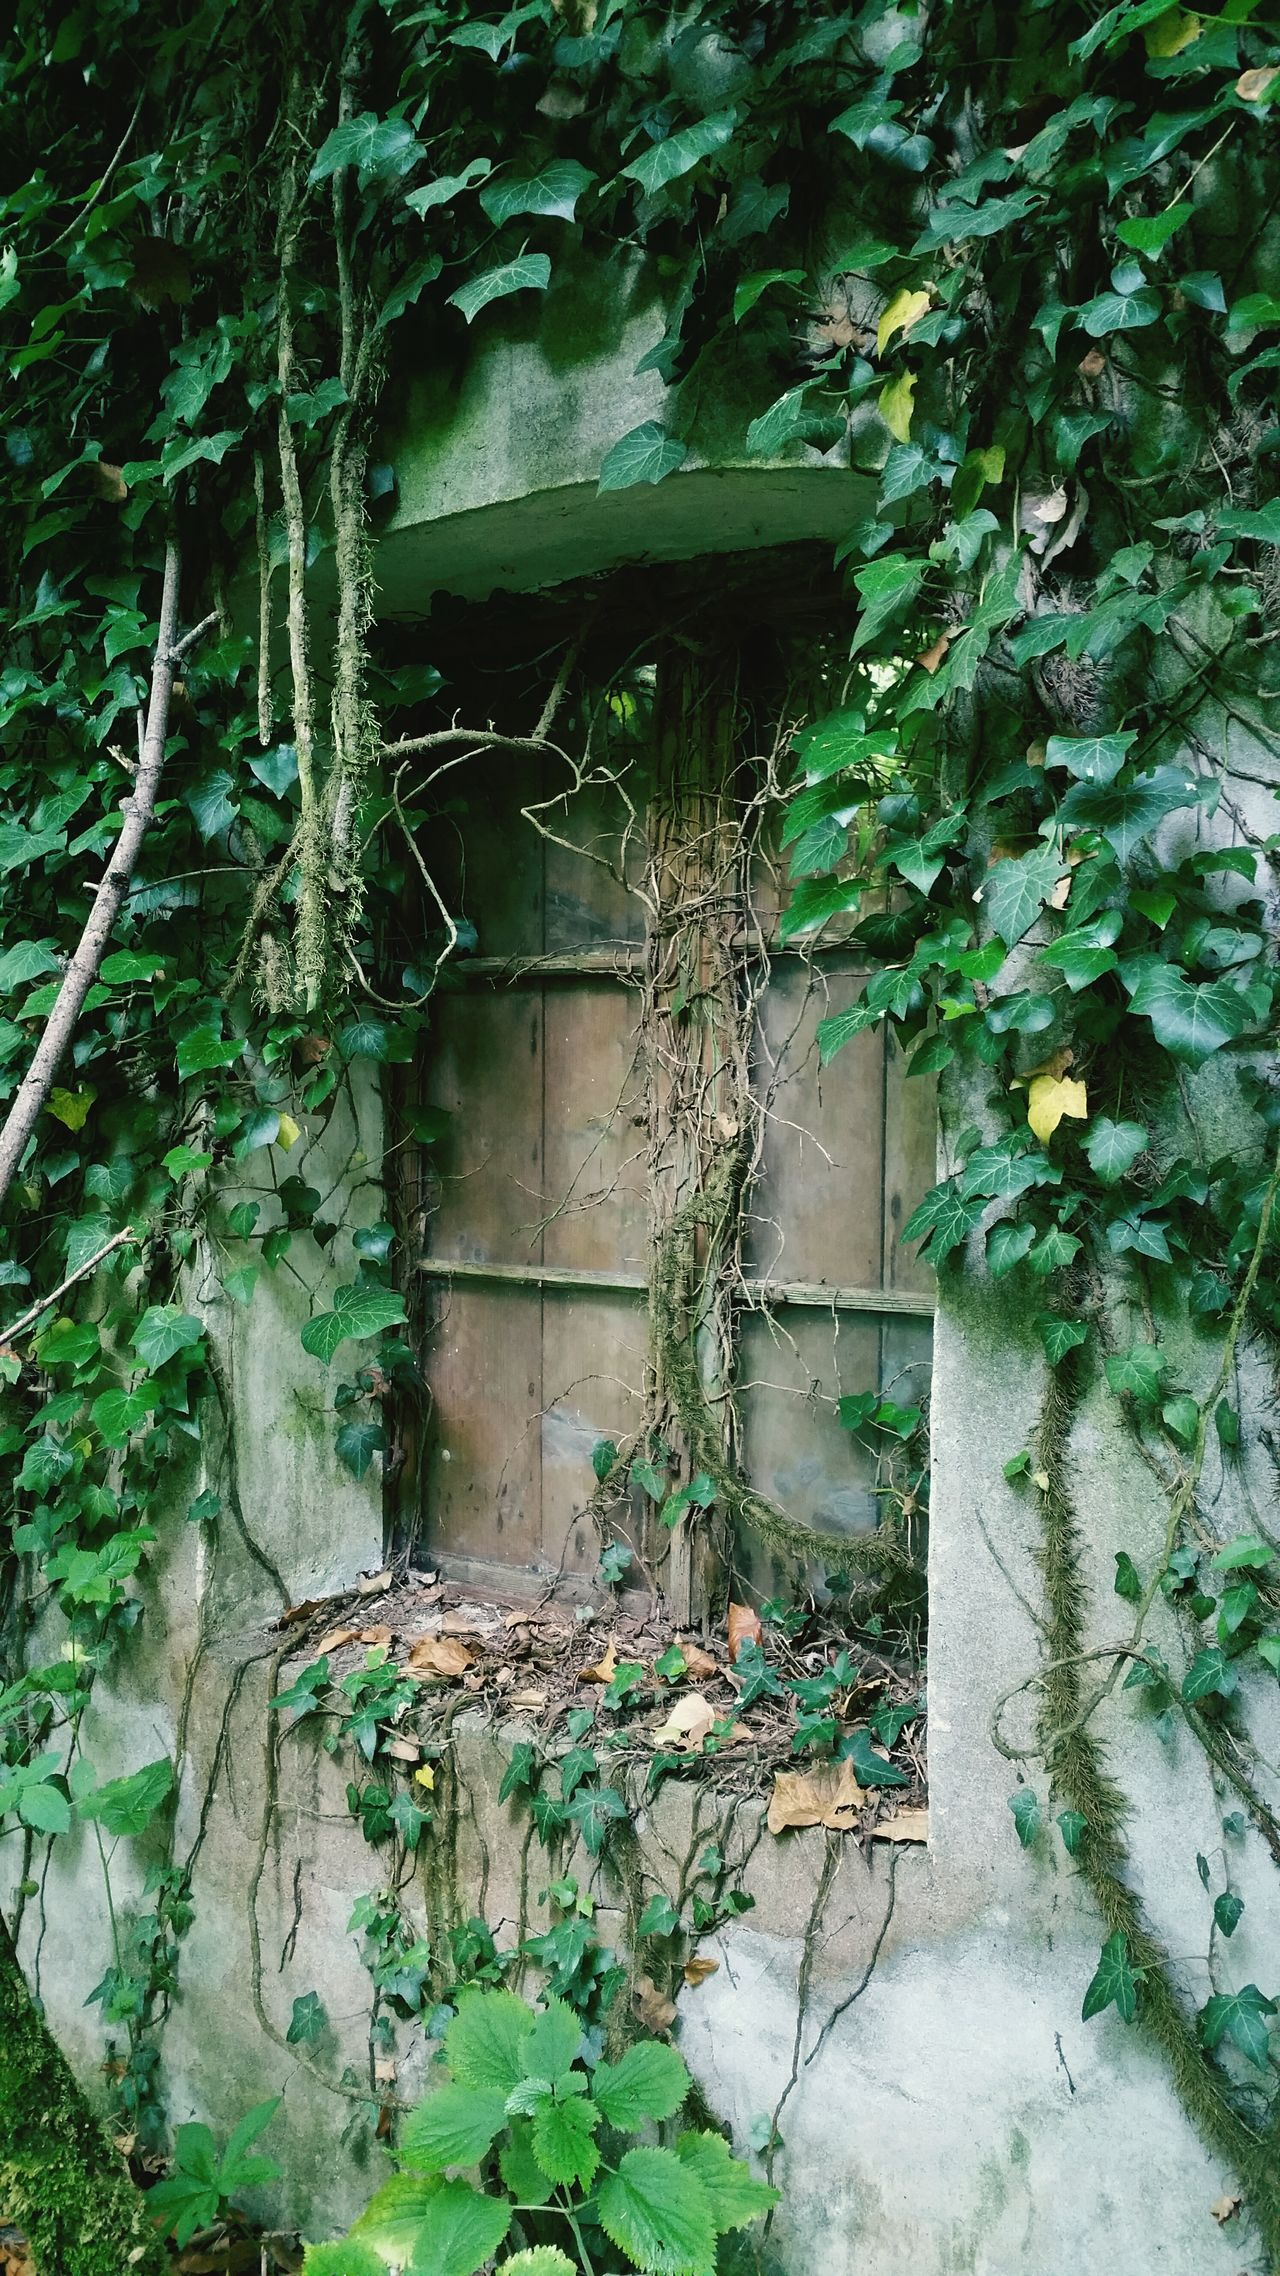 Abbandonato... Windows Finestra Ruined Pulfero Sosnie Udine Friuliveneziagiulia Friuli Venezia Giulia Italia